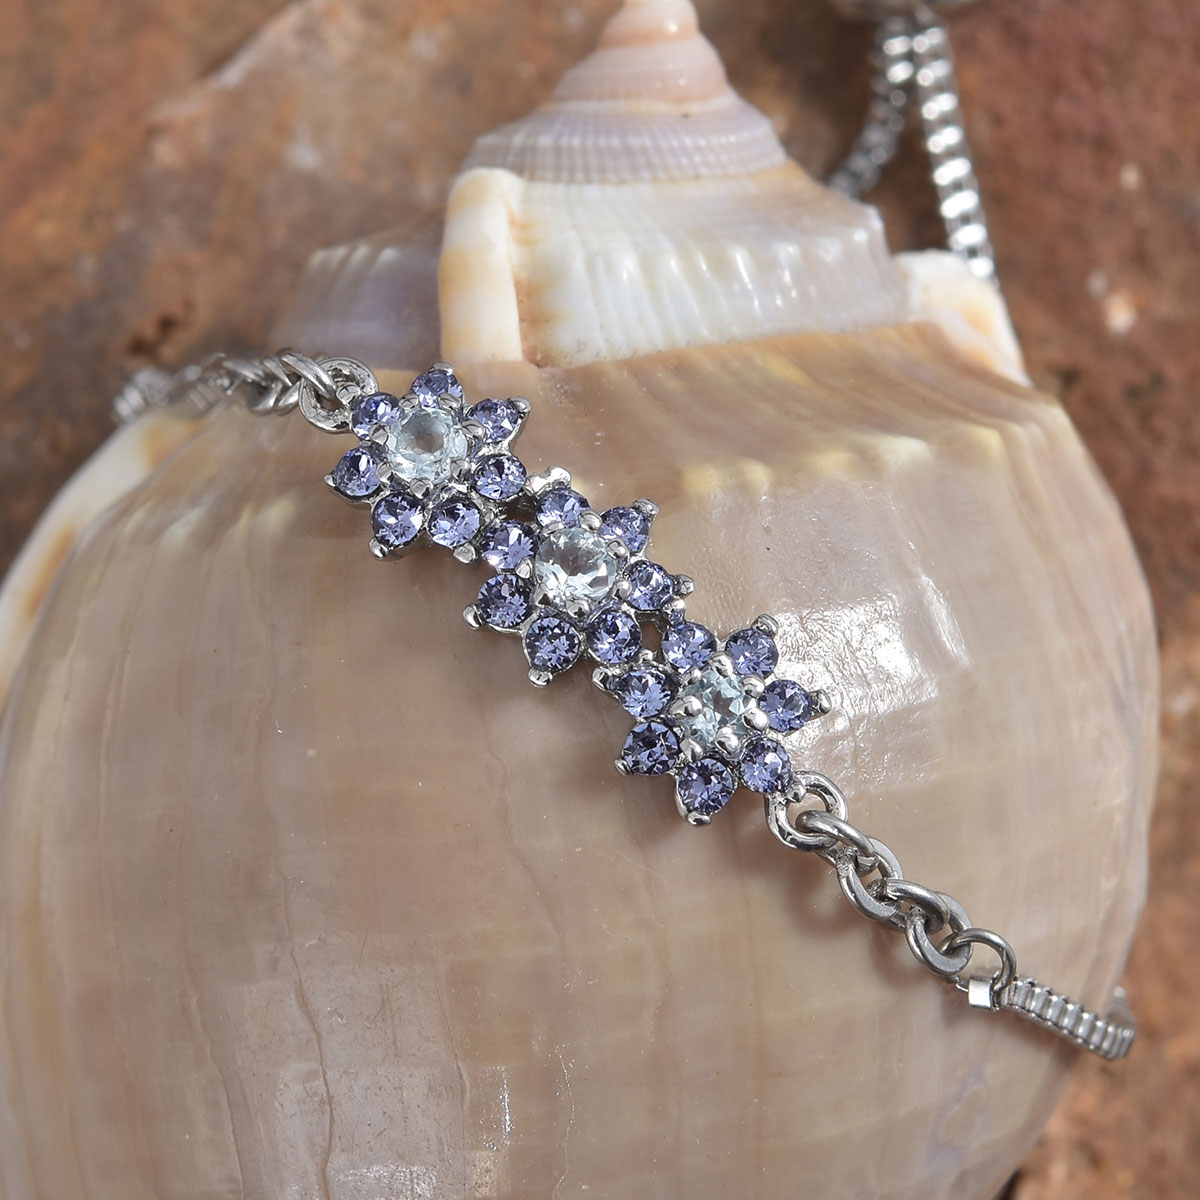 ee4cfc5f97dfc Details about Women's Blue Topaz Flower Slider Bolo Bracelet Made with  SWAROVSKI Tanzanite9.5